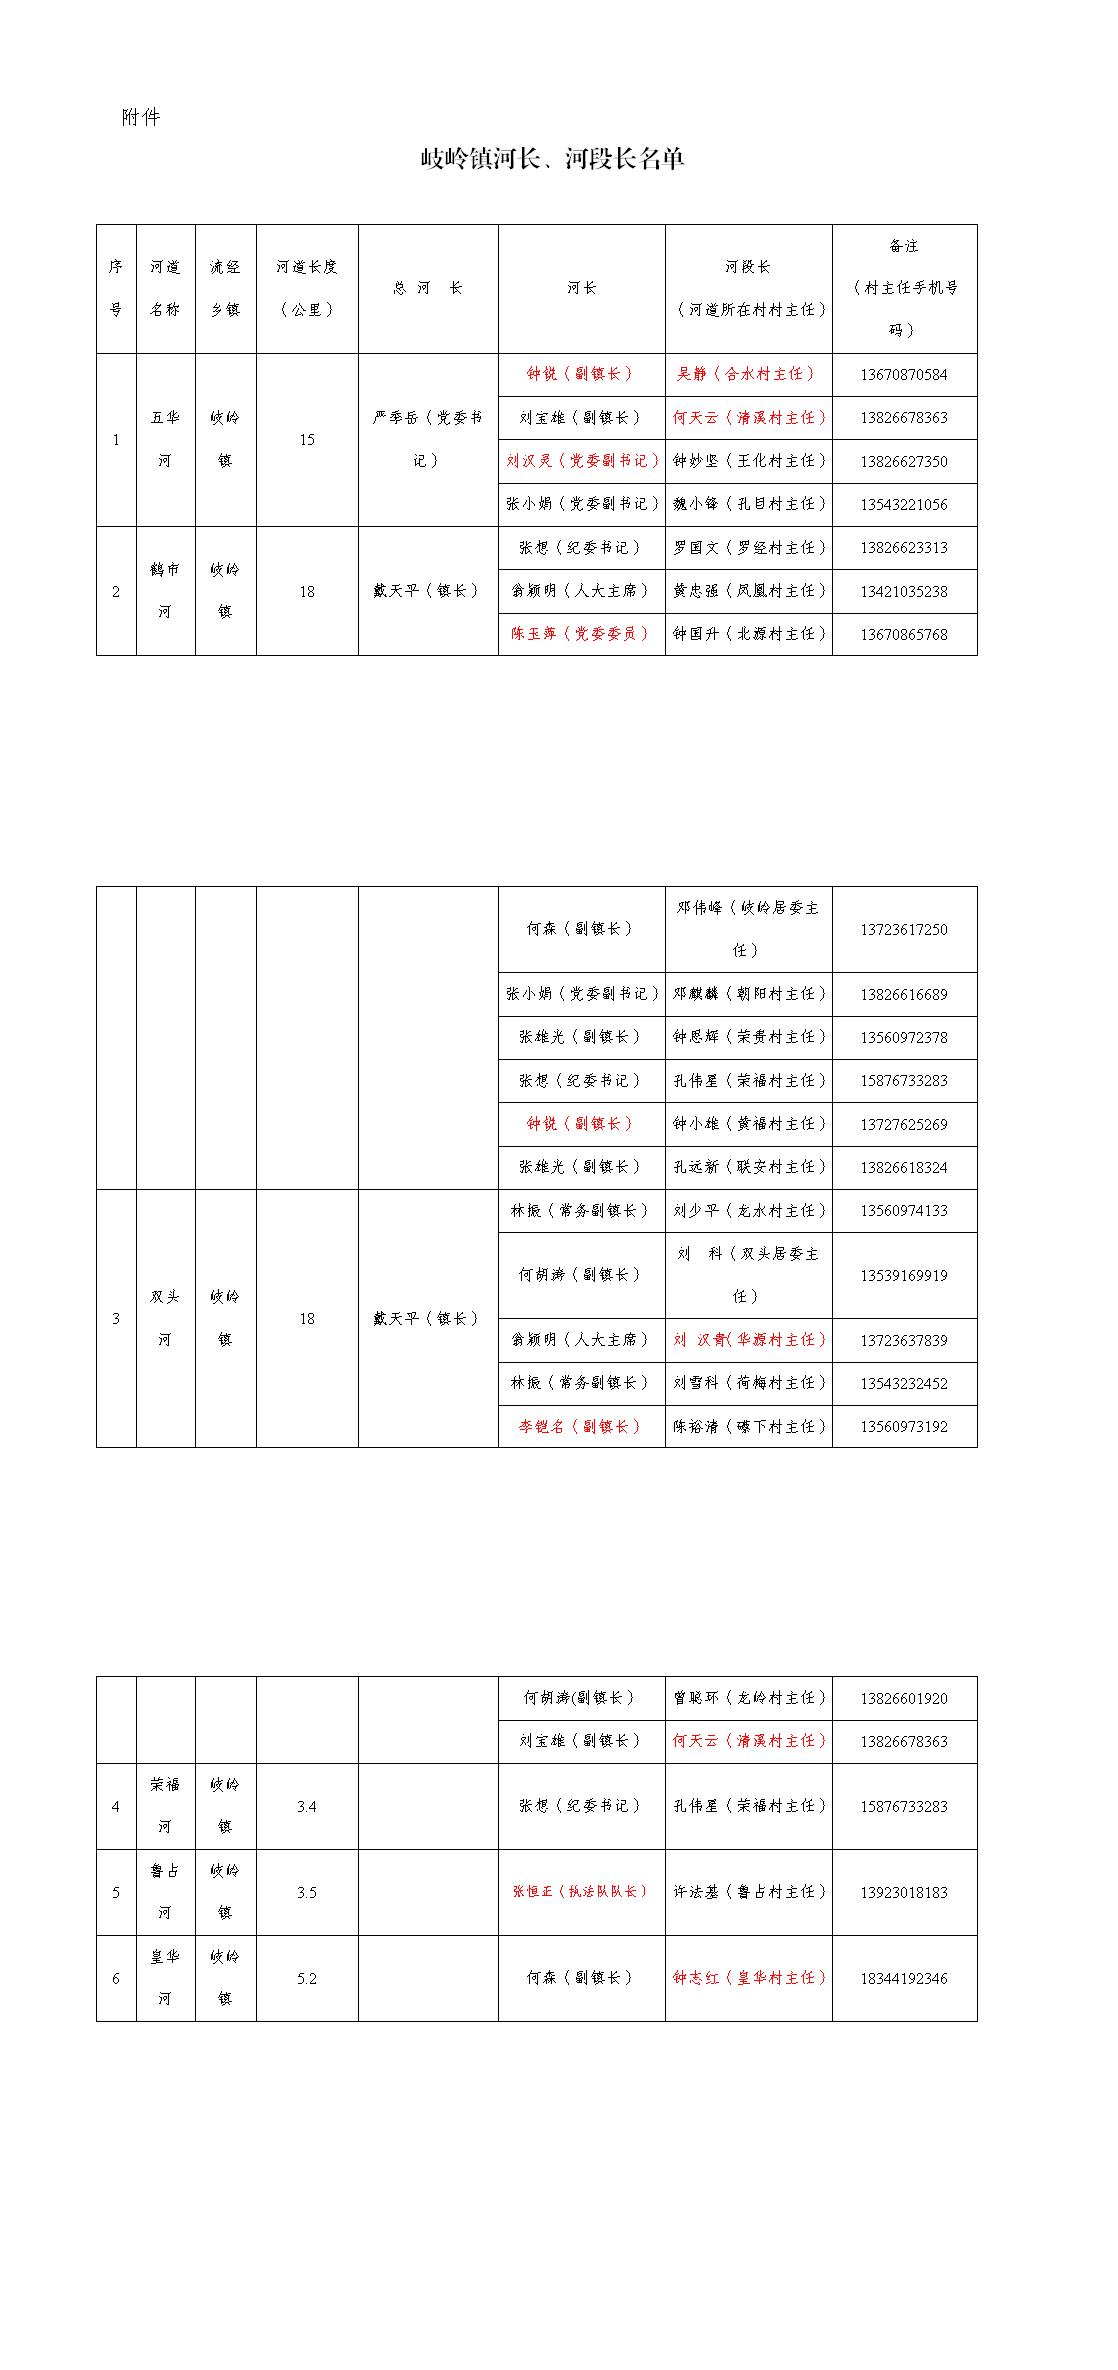 2021岐岭镇河长、河段长表_0(1).png